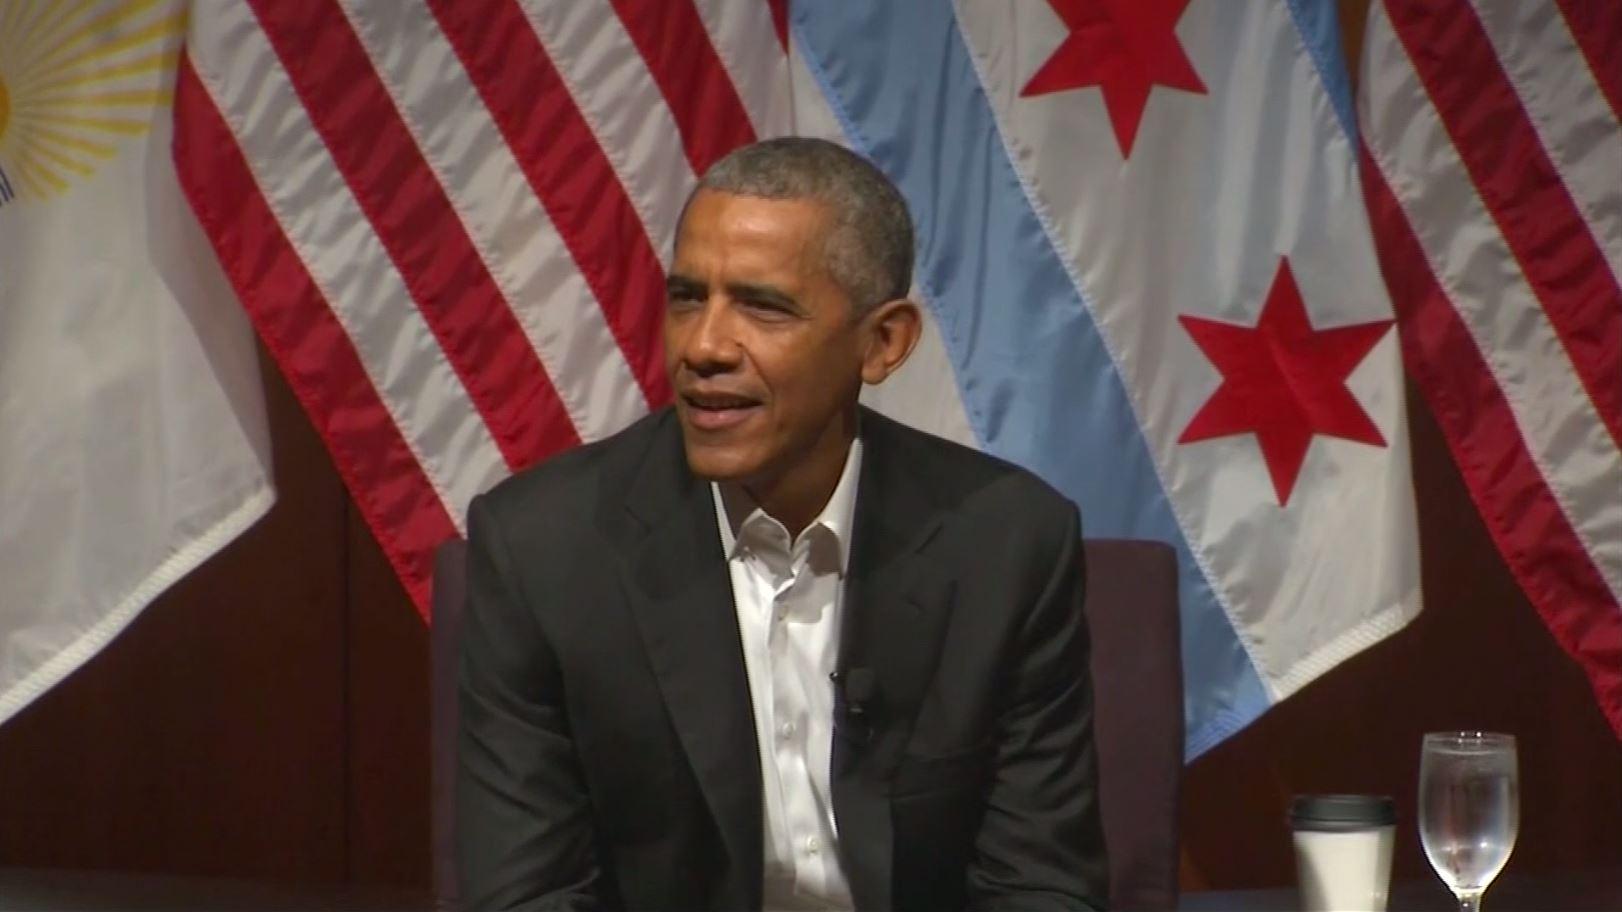 obama appearance_206930